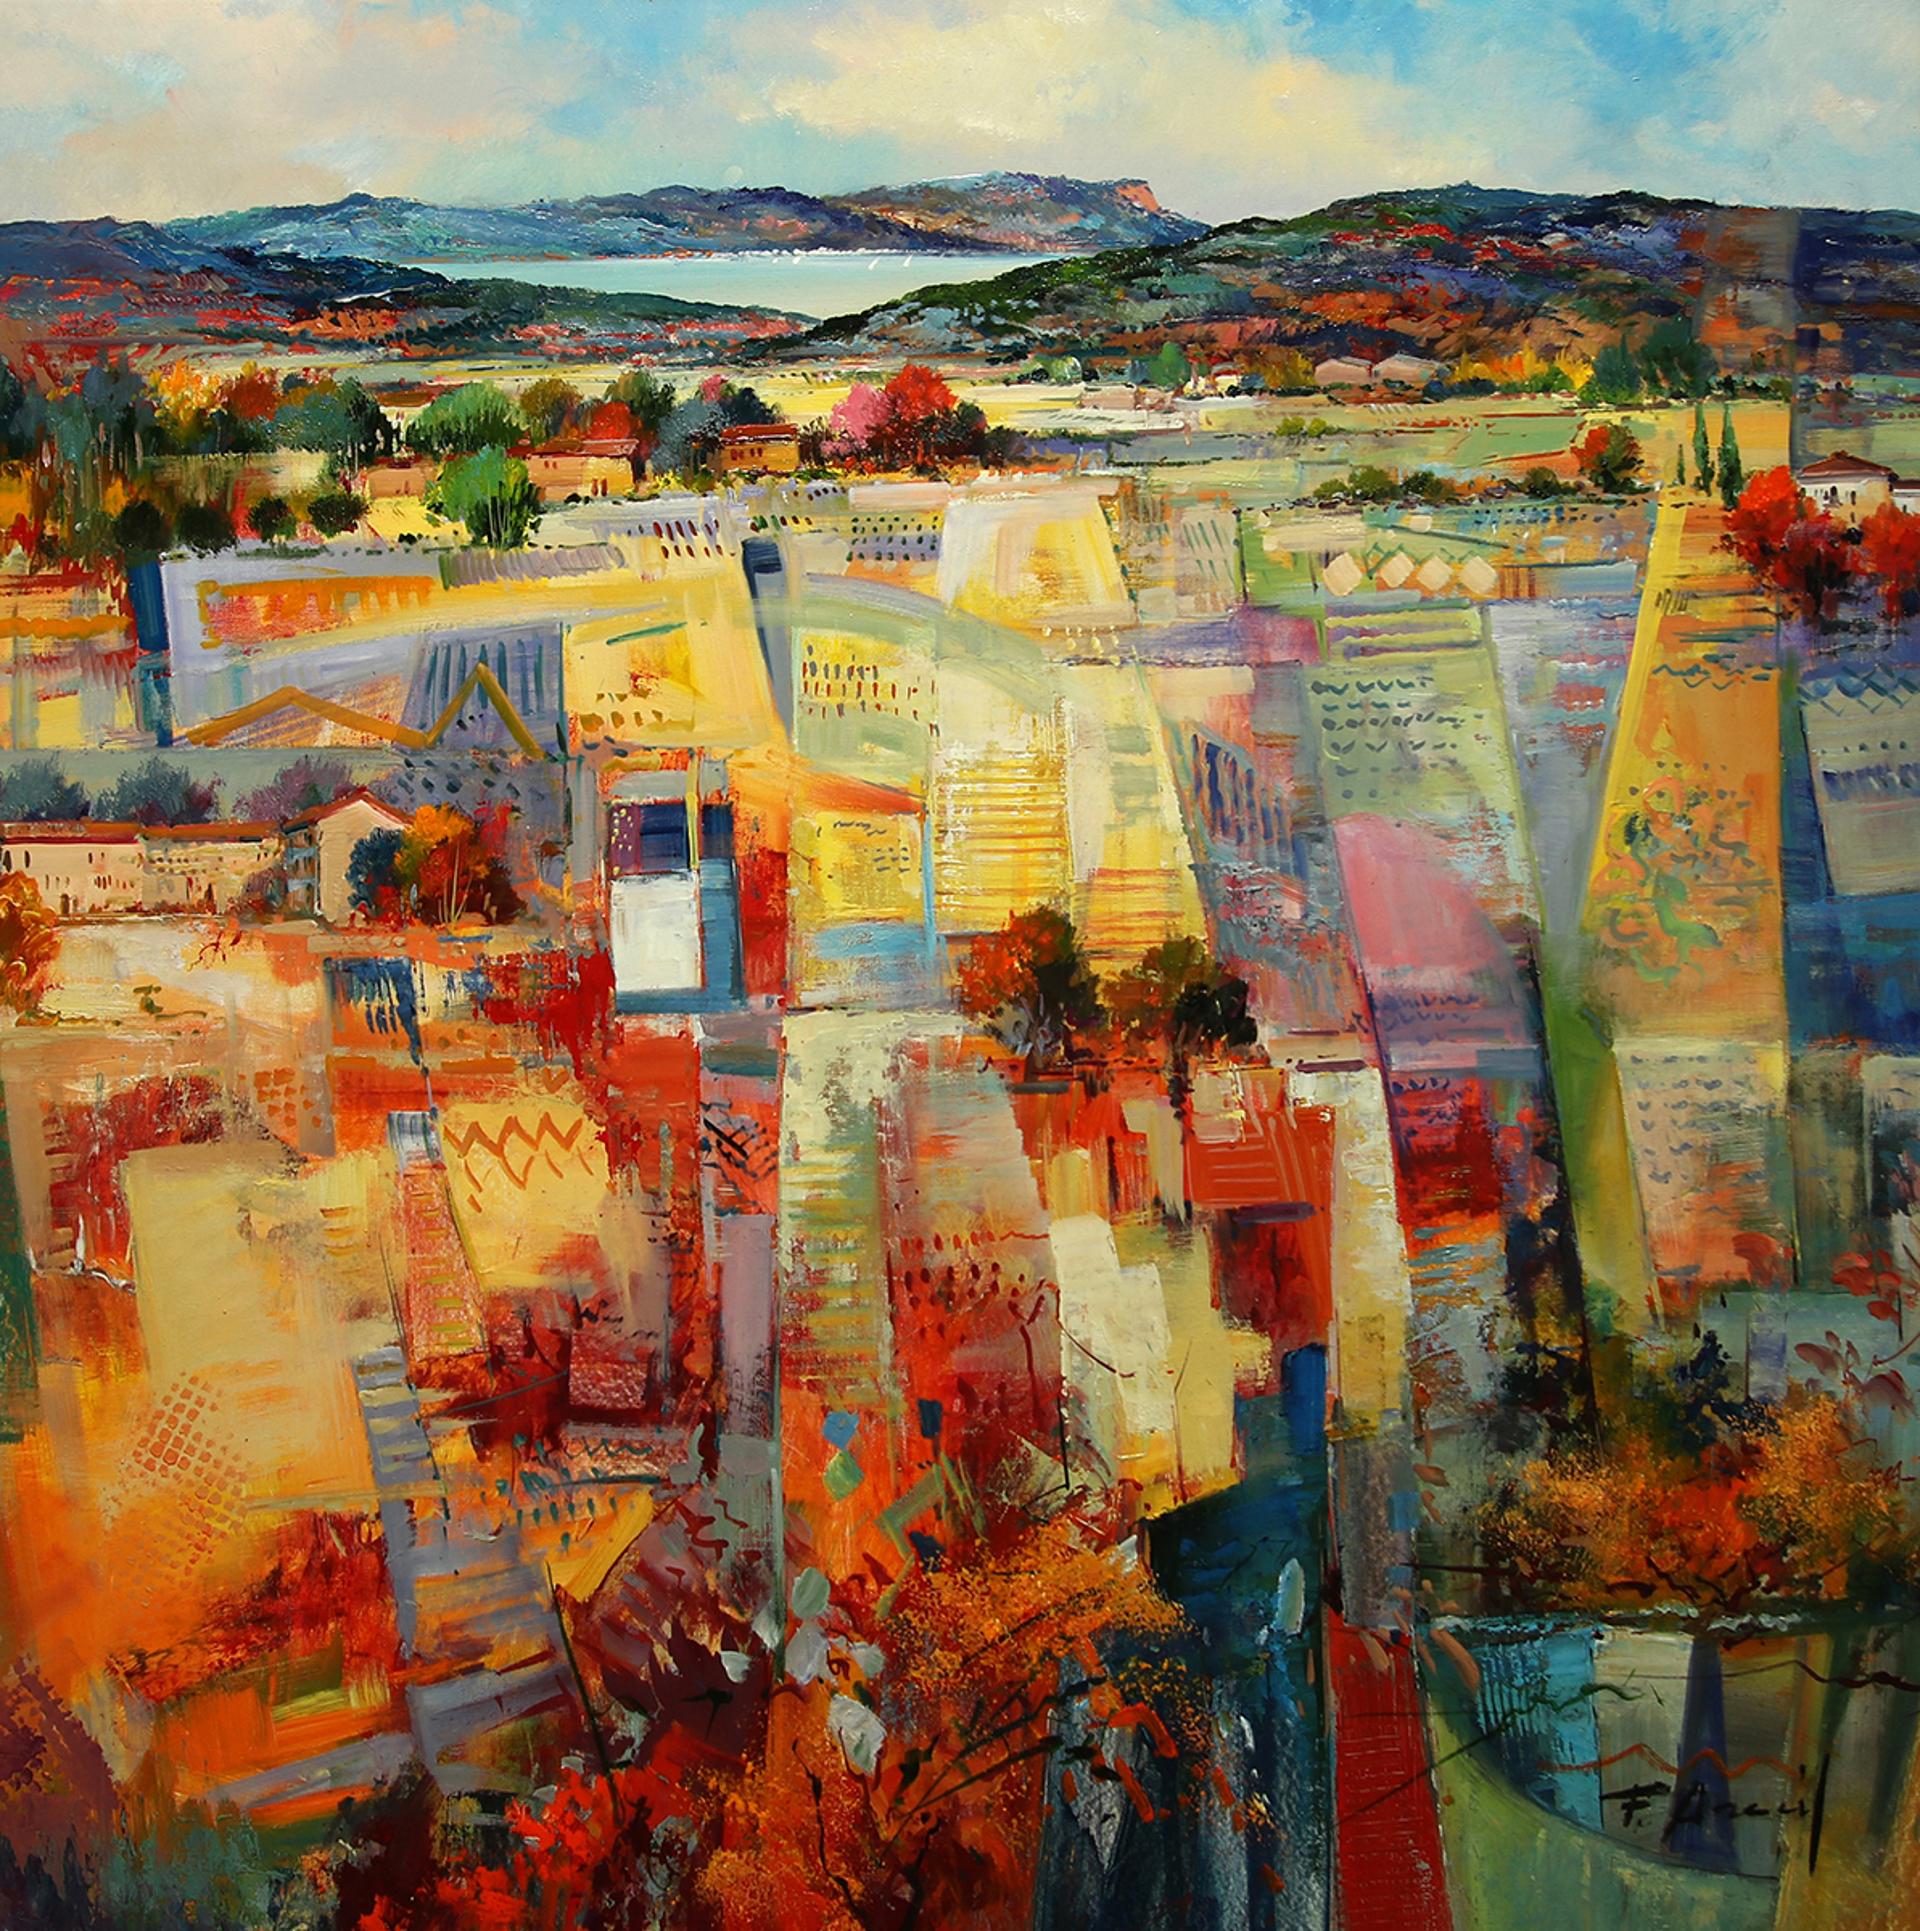 Bountiful  by Fernando Aracil